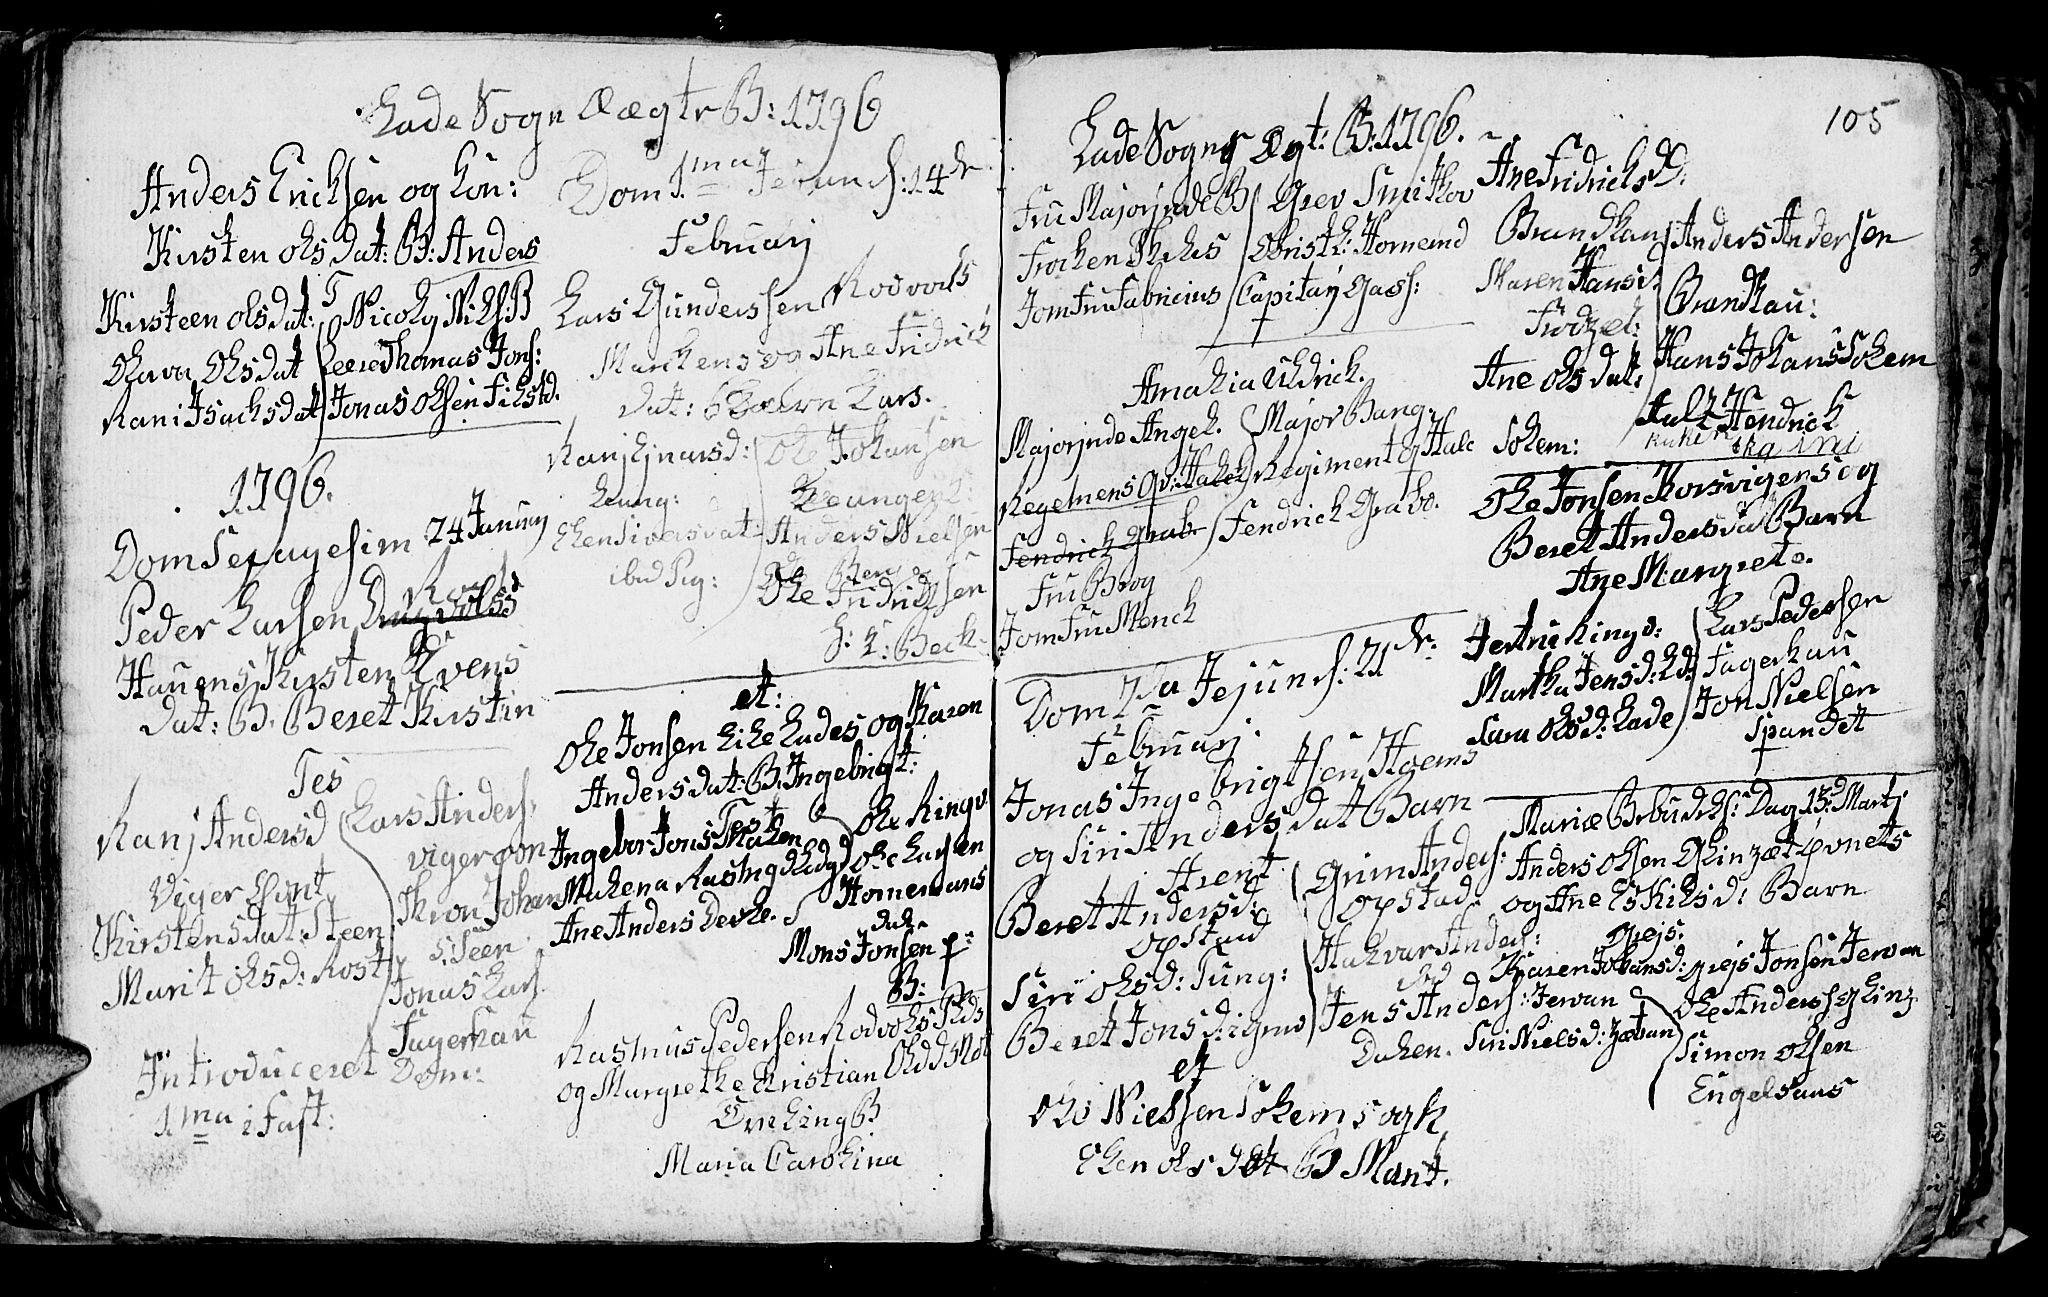 SAT, Ministerialprotokoller, klokkerbøker og fødselsregistre - Sør-Trøndelag, 606/L0305: Klokkerbok nr. 606C01, 1757-1819, s. 105